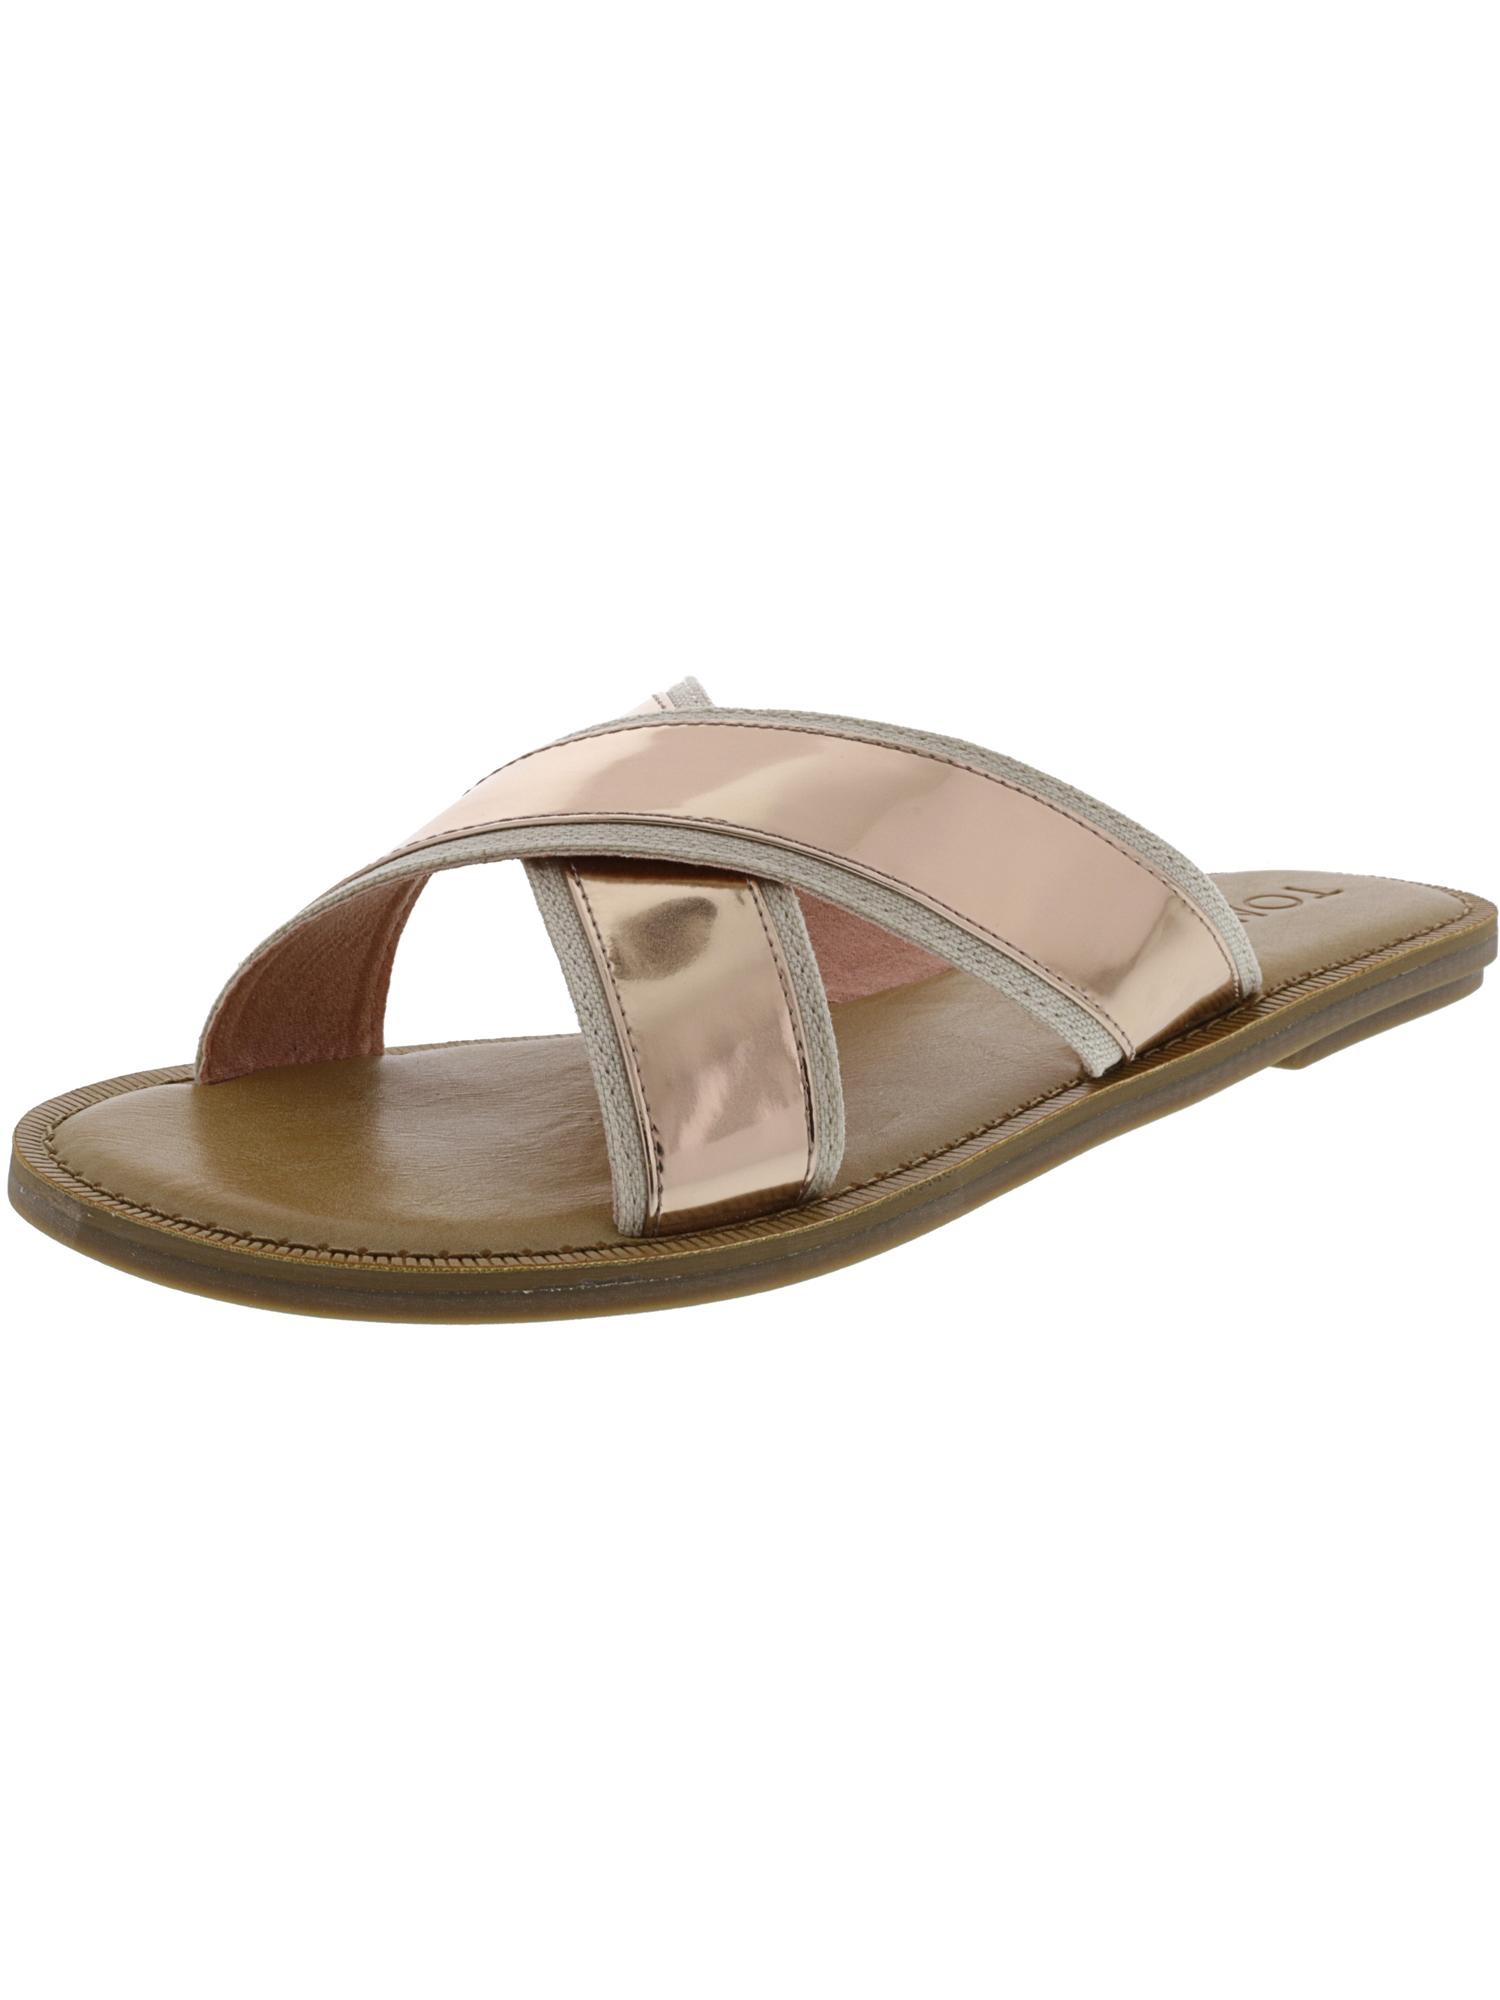 Toms Women's Viv Specchio Rose Gold Sandal - 8M